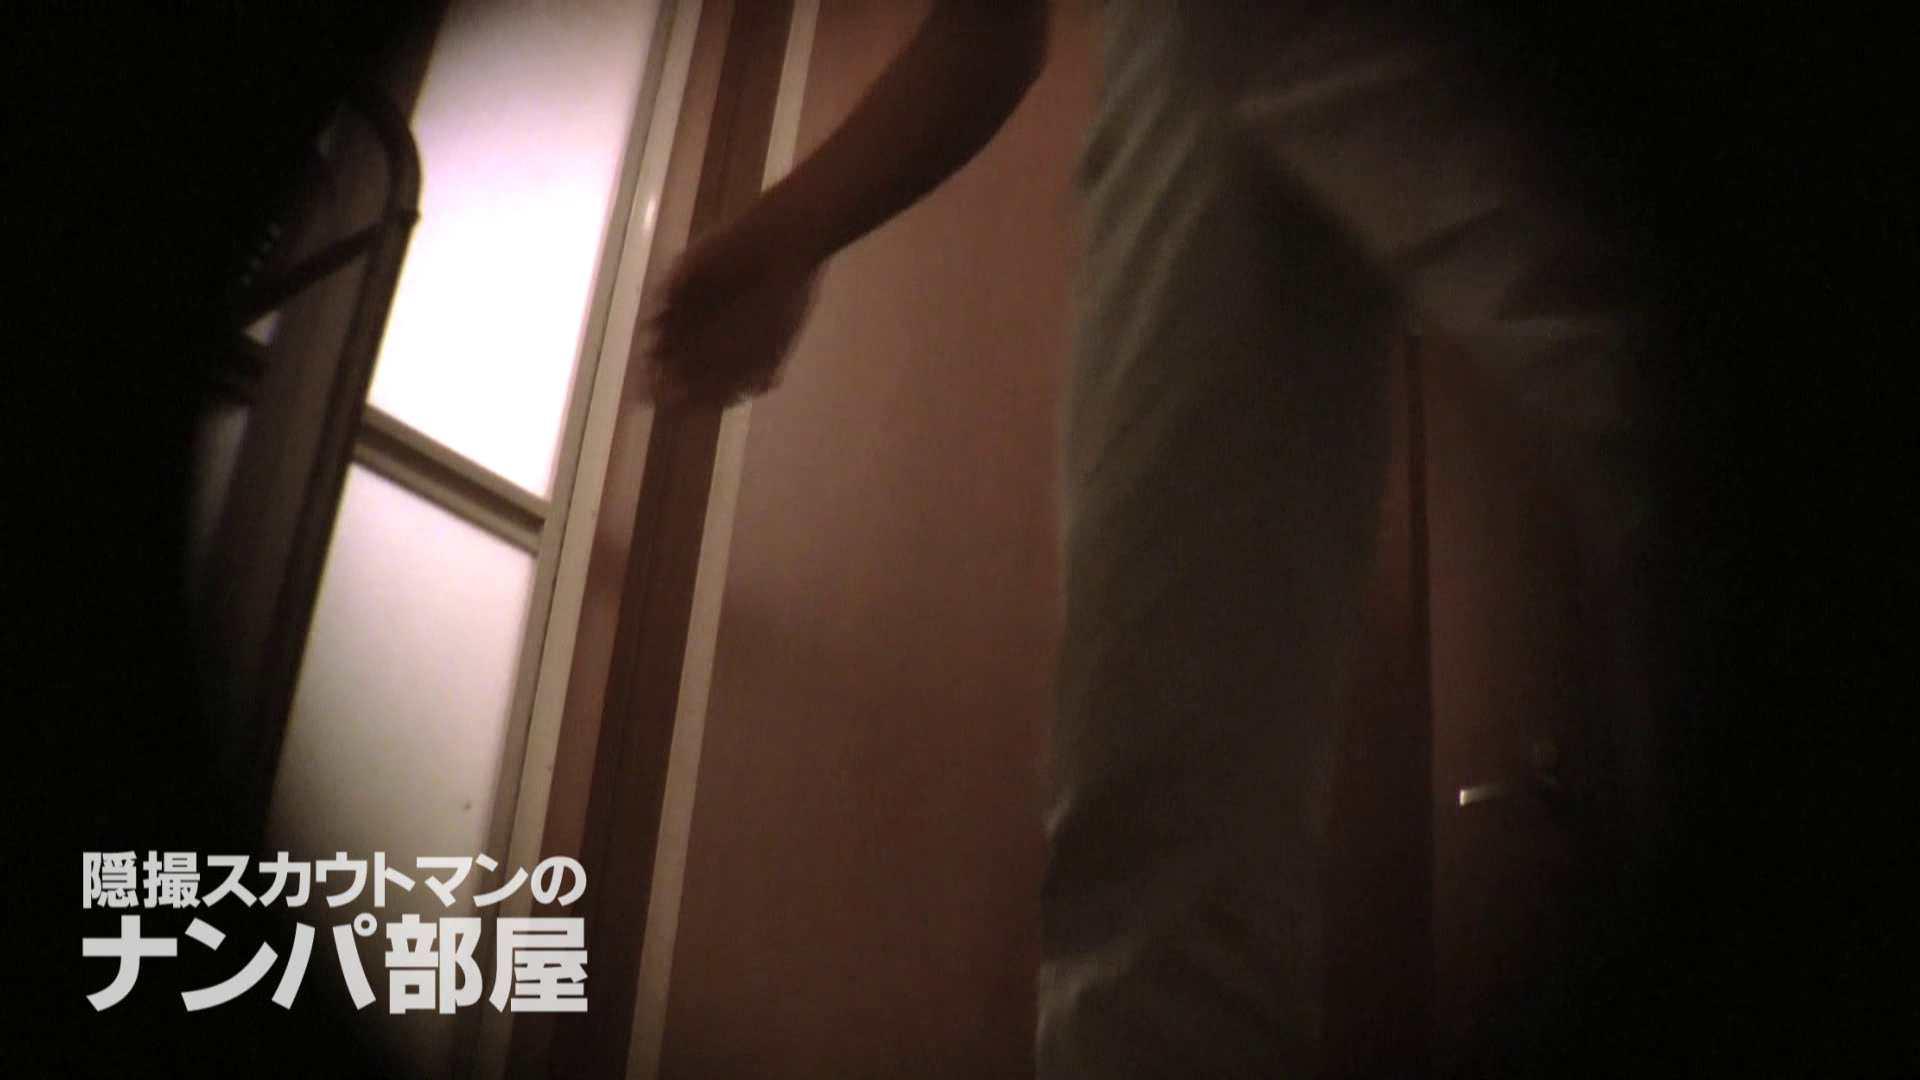 隠撮スカウトマンのナンパ部屋~風俗デビュー前のつまみ食い~ sii 隠撮  94pic 39